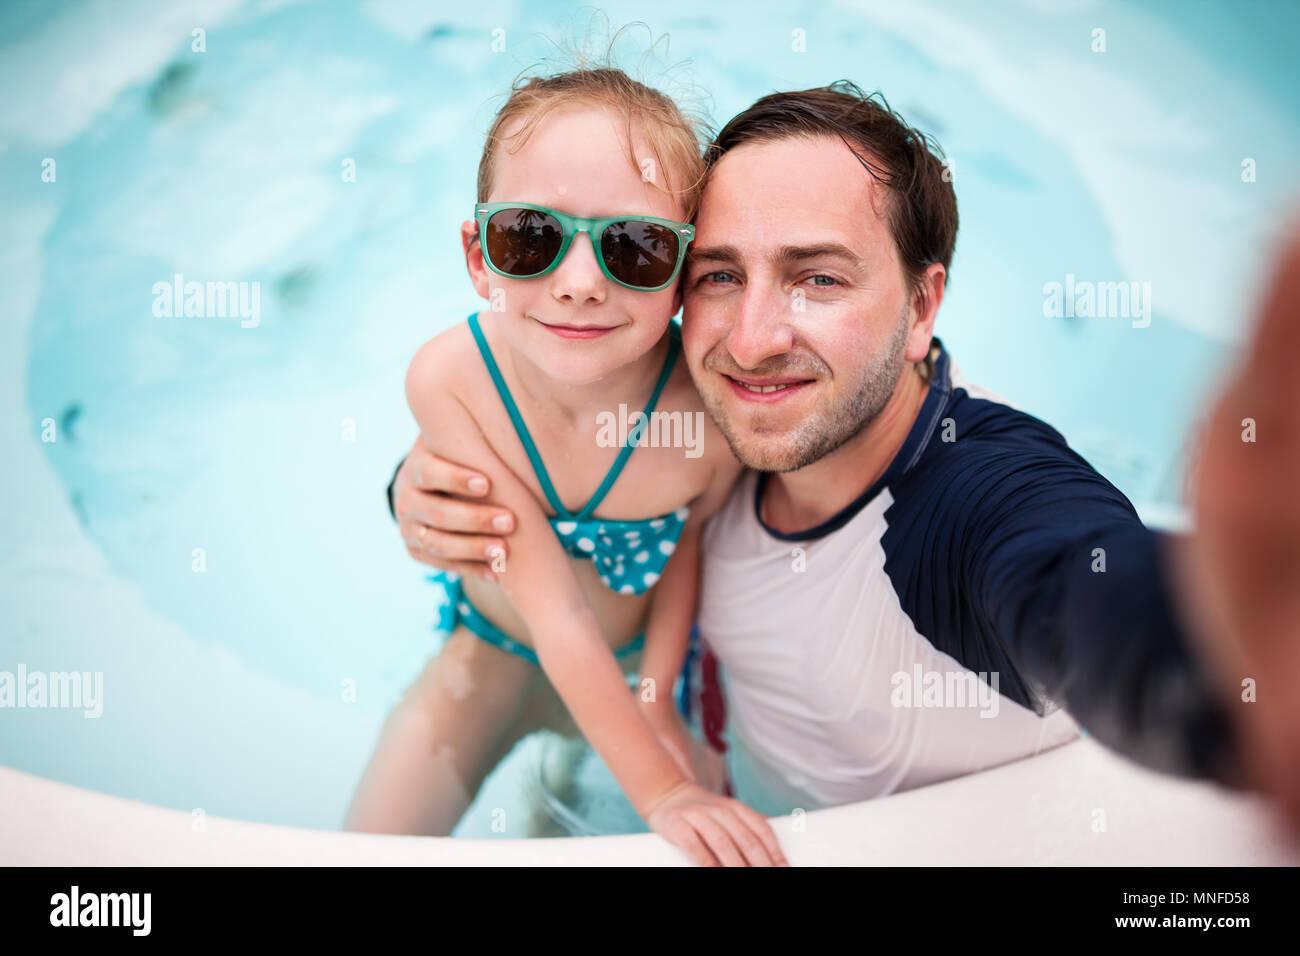 Père de famille heureuse et son adorable petite fille à l'extérieur piscine faire selfies Banque D'Images